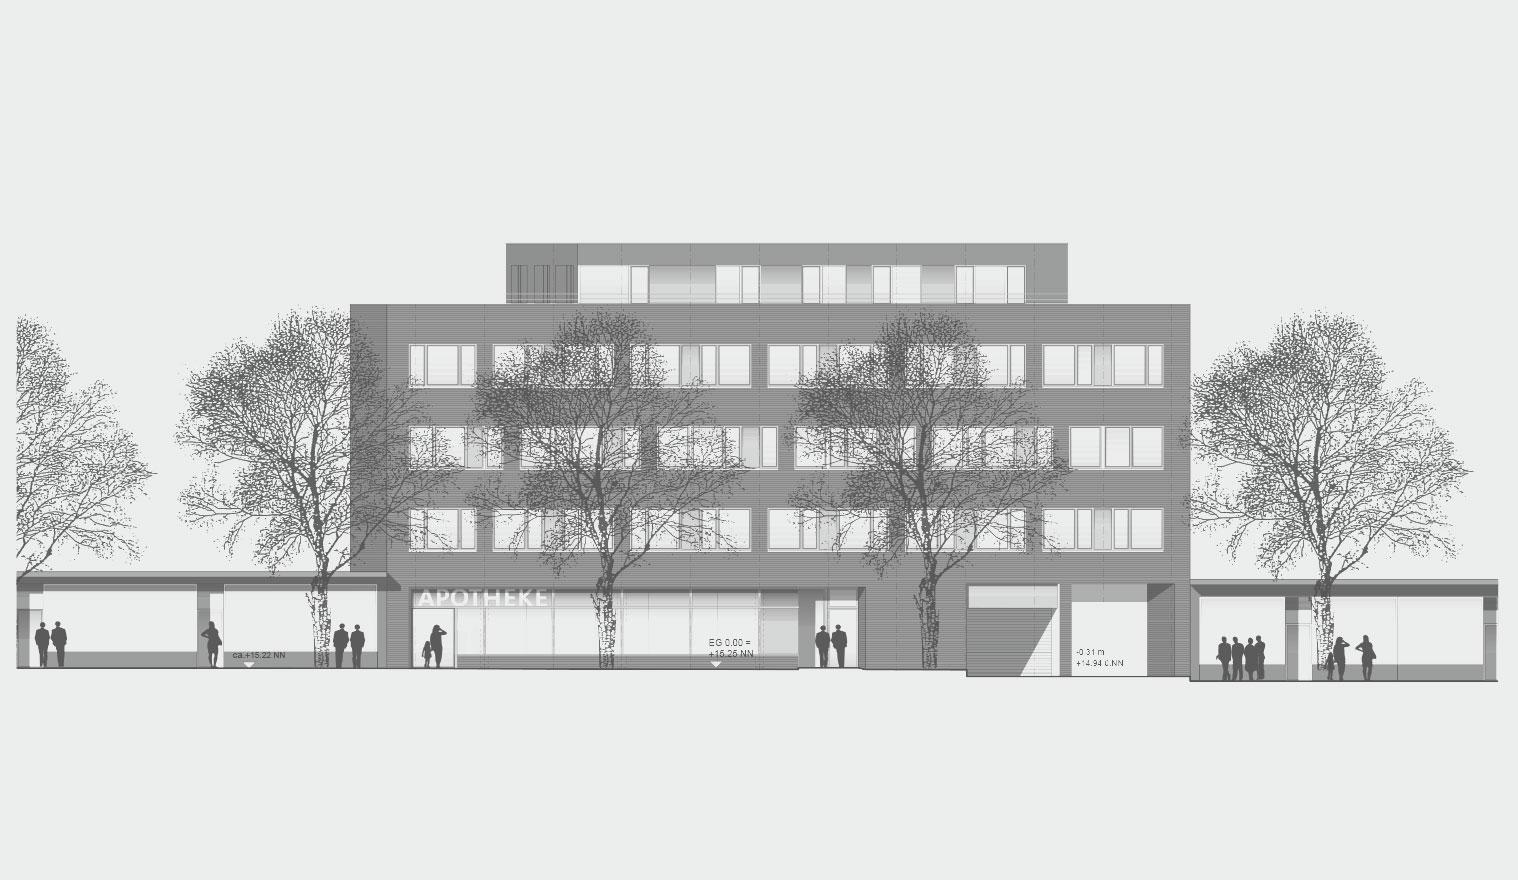 Architekturzeichnung - Diese Zeichnung zeigt ein Bauprojekt für Kapitalanleger in Hamburg – Carl-Petersen-Strasse